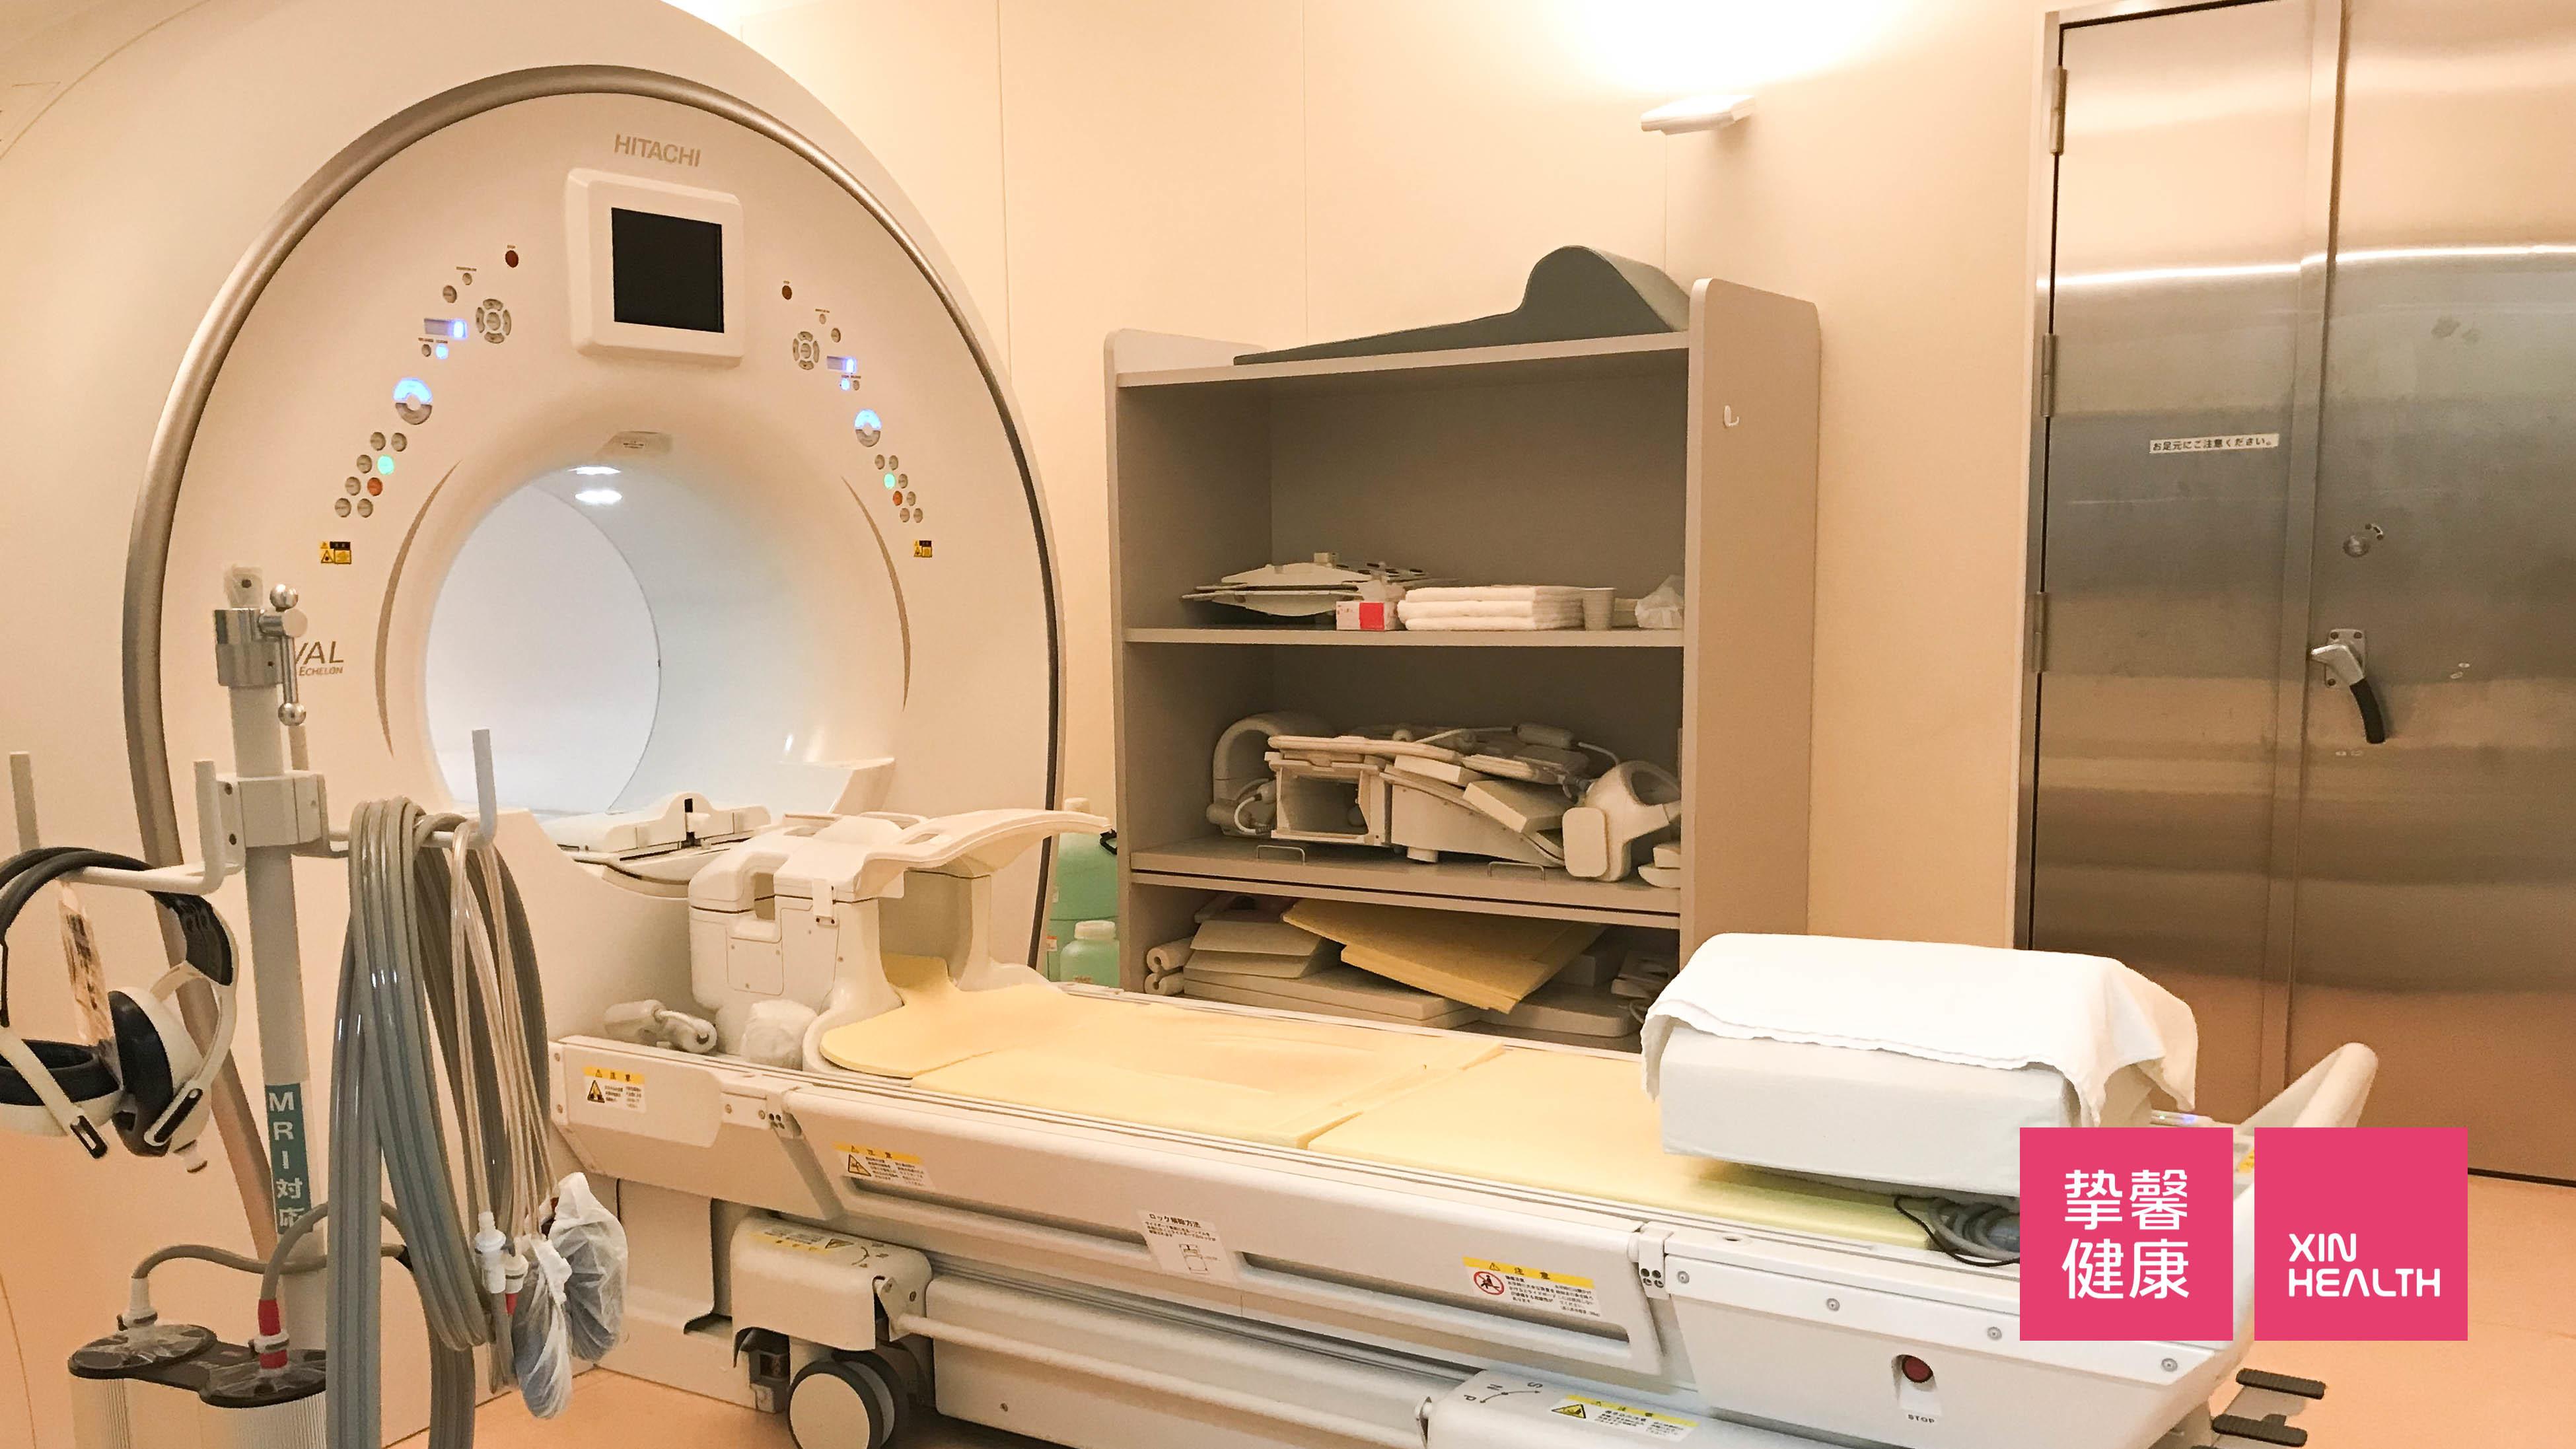 日本一般的体检项目有哪些?